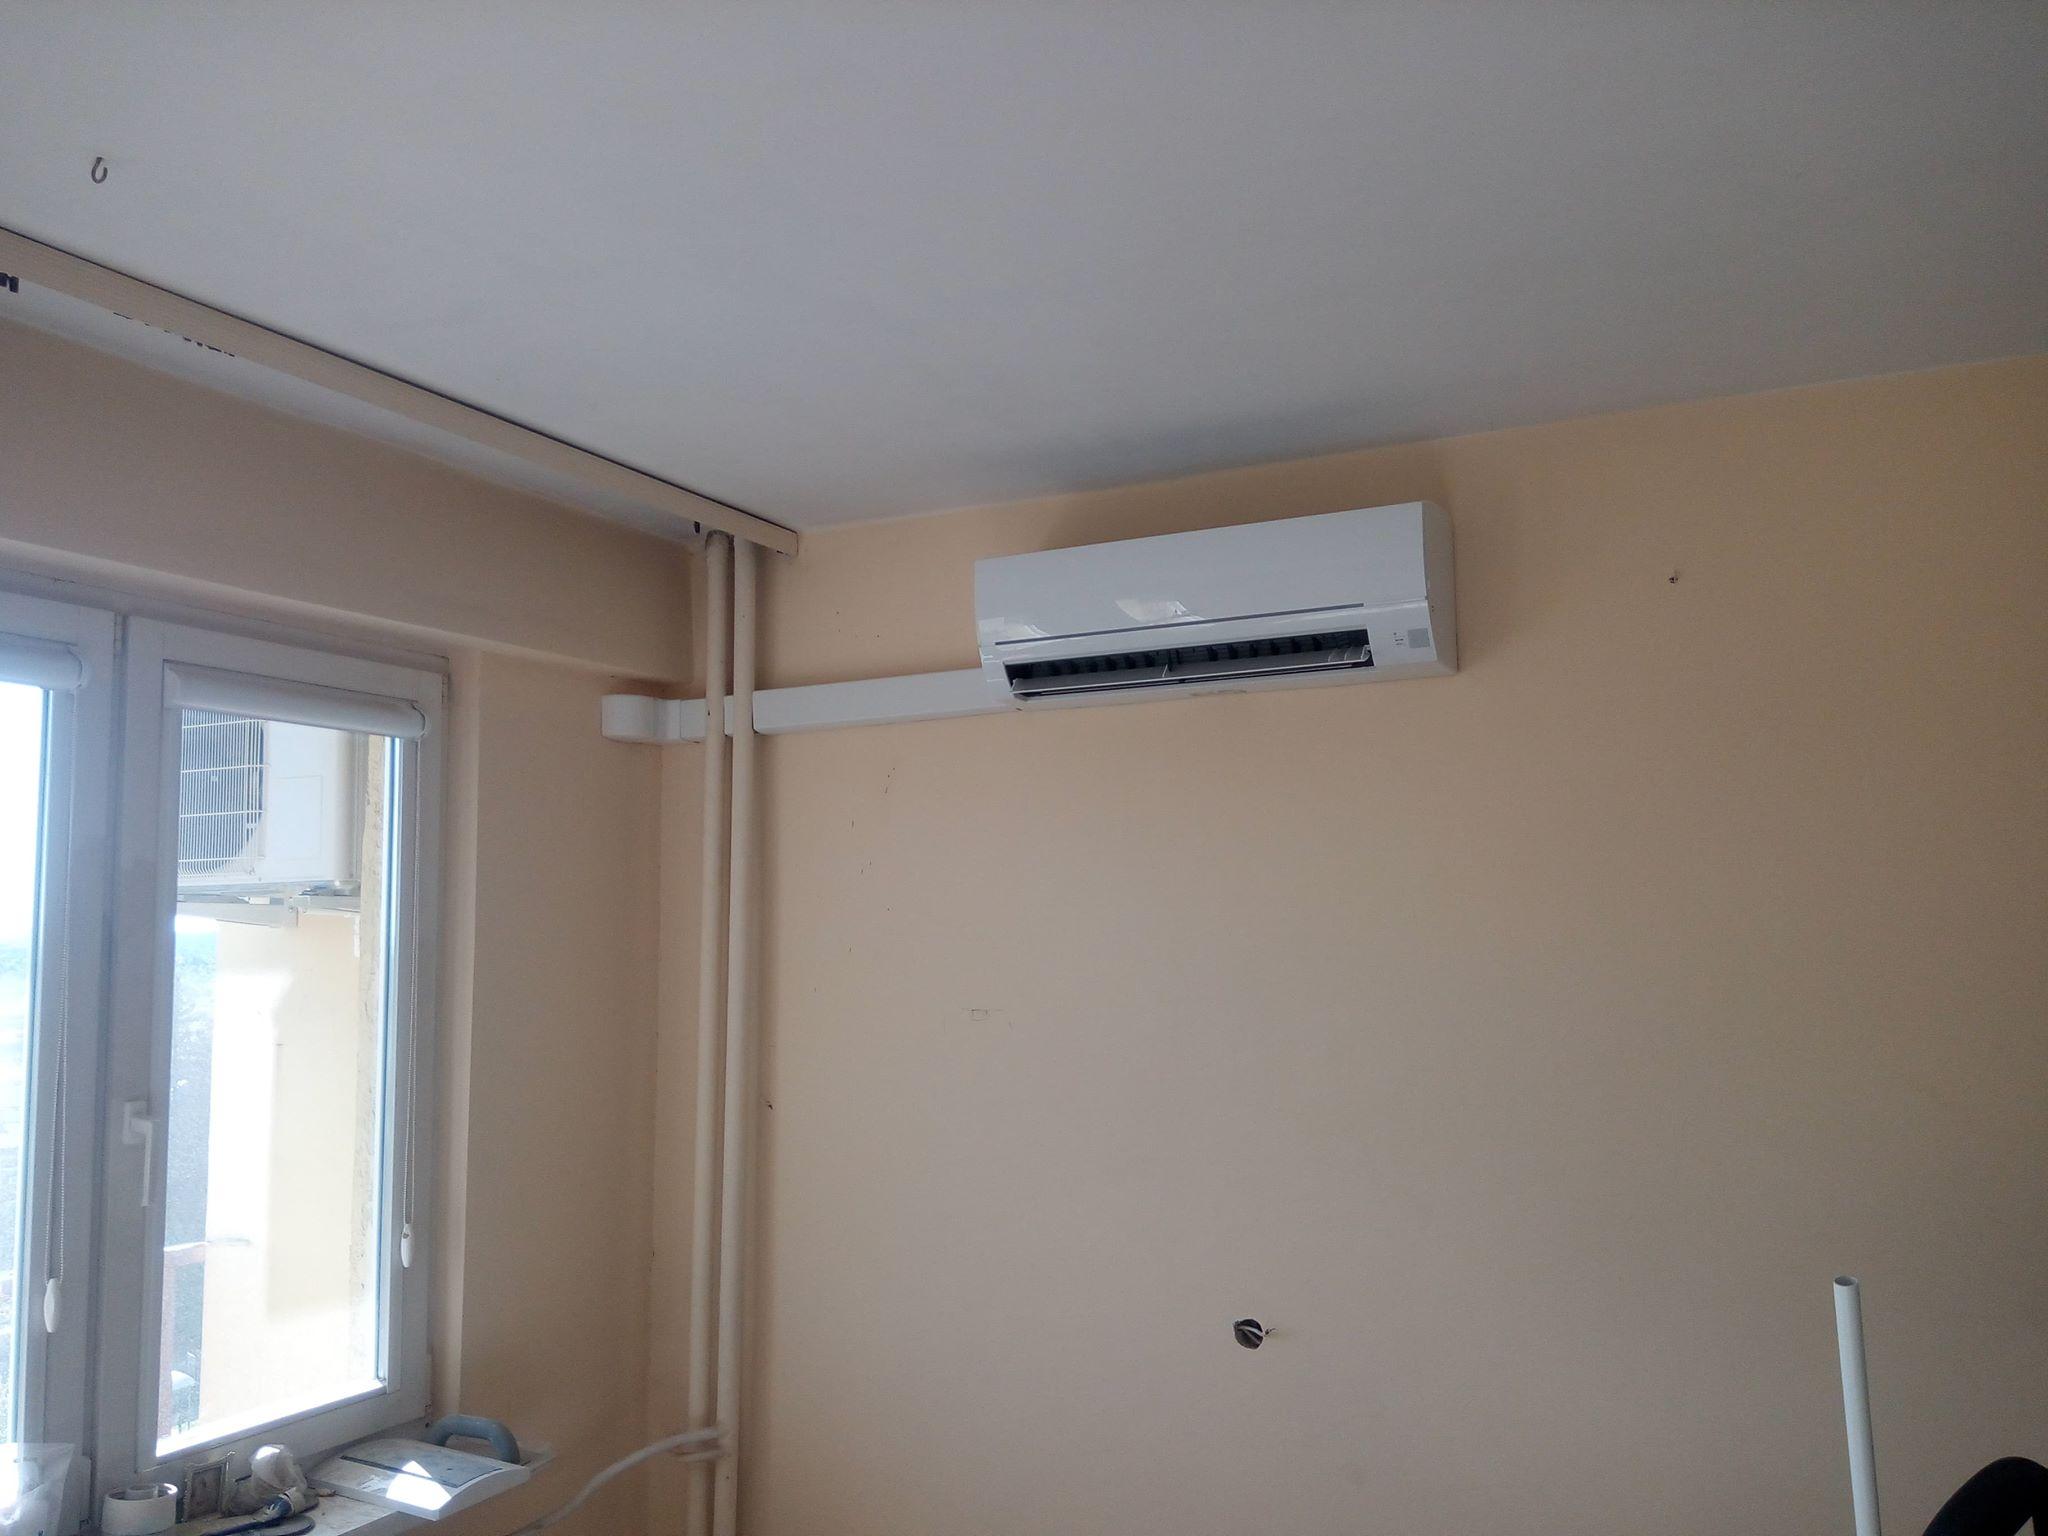 klimatyzator klimatyzacja Mitsubishi w bloku Starachowice